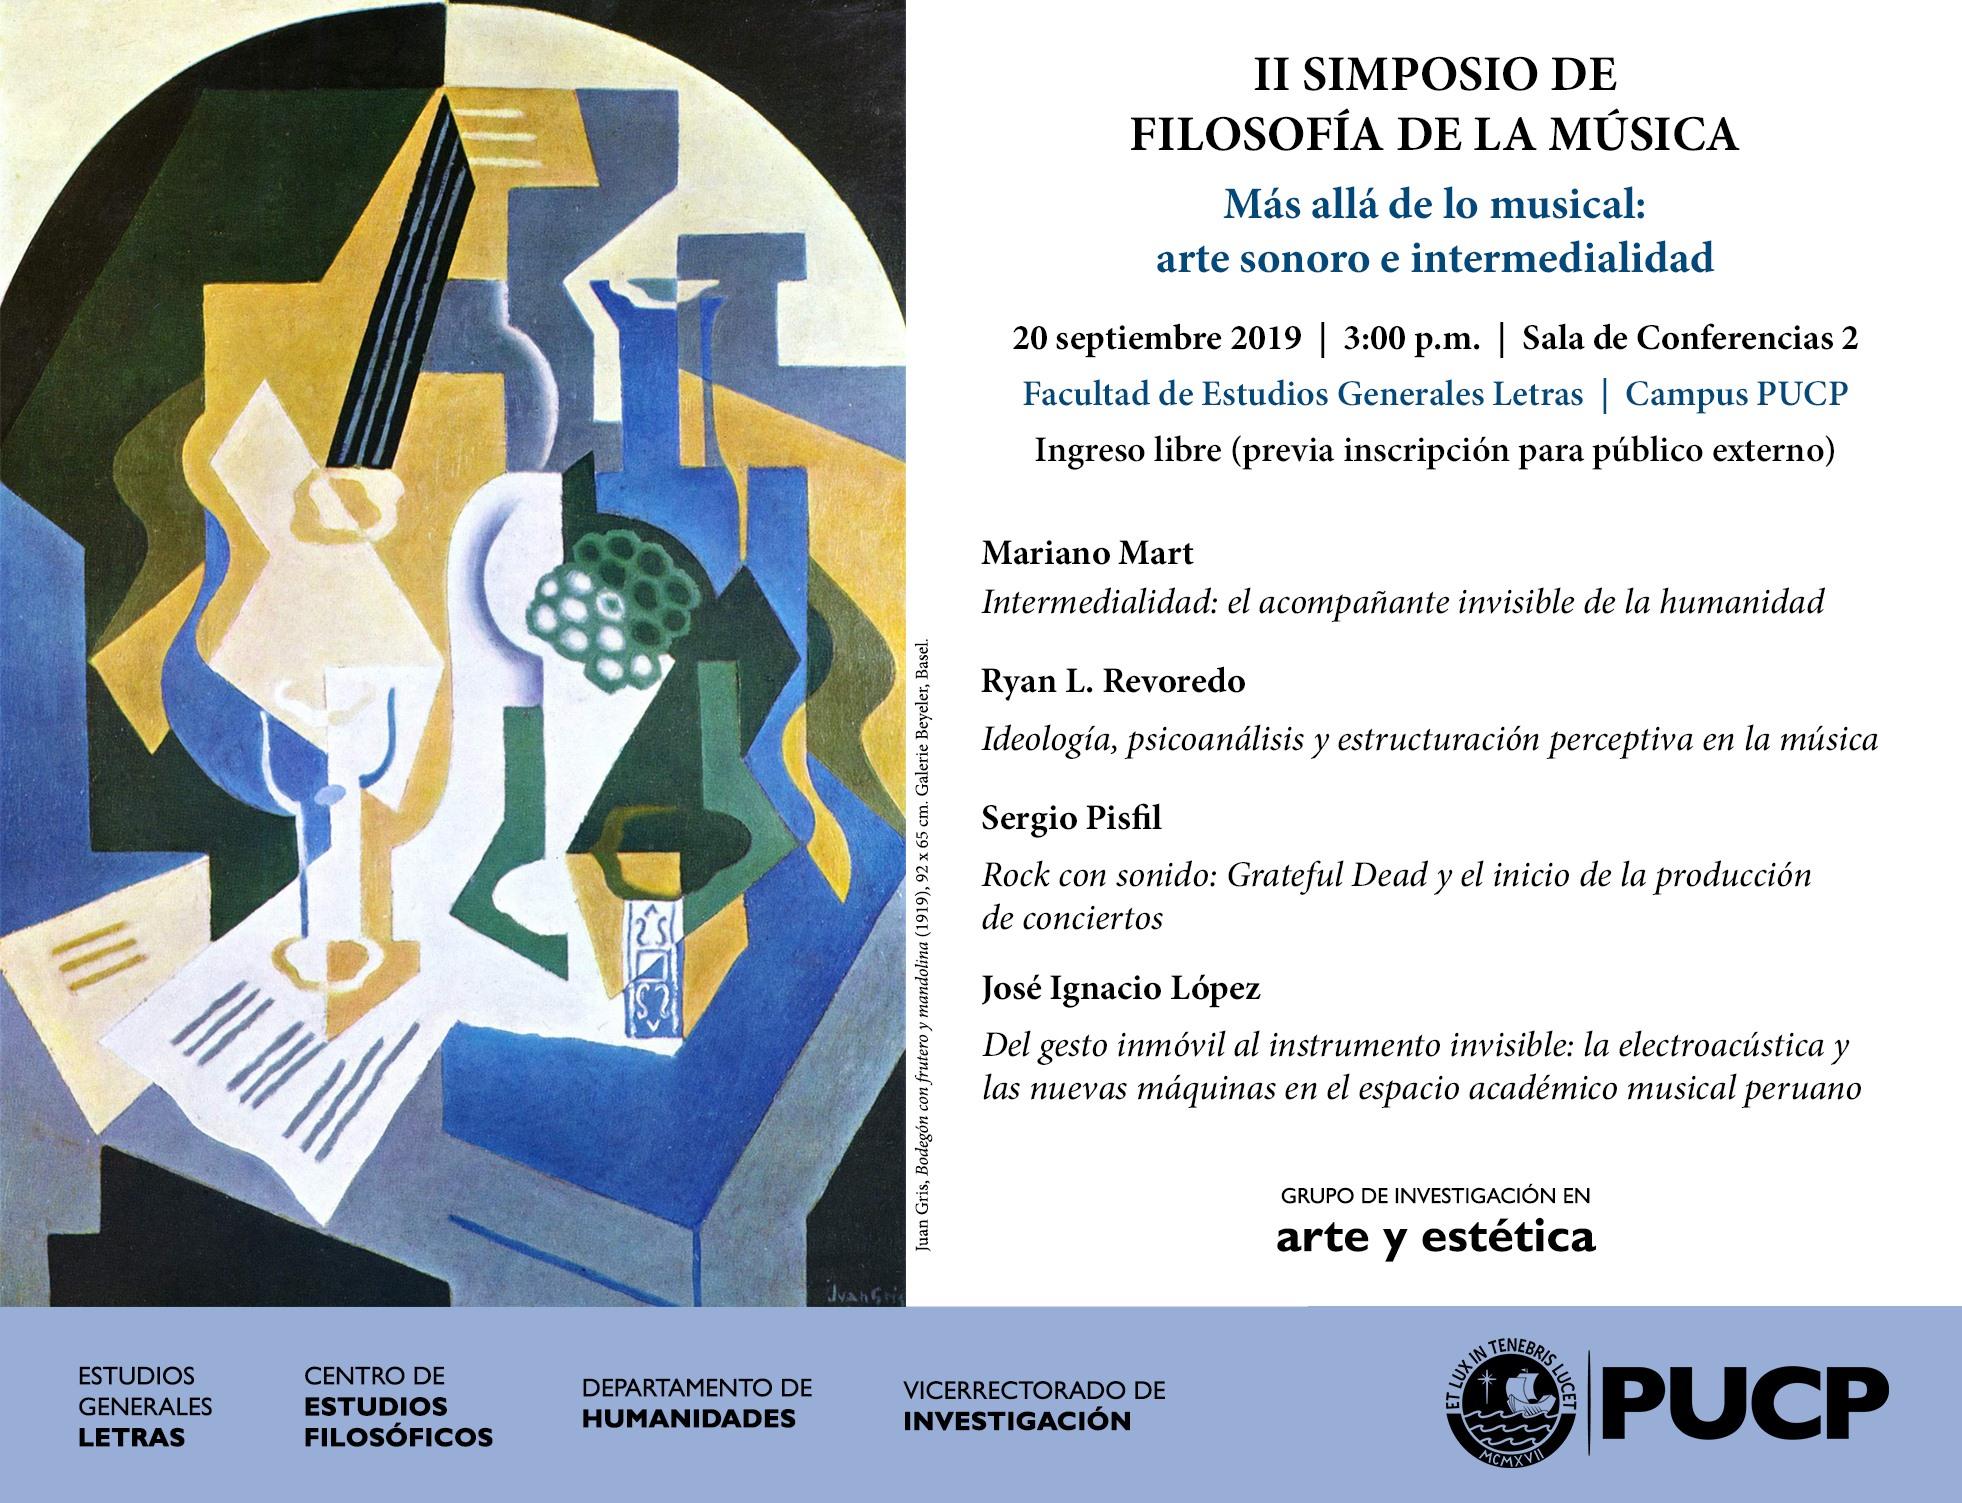 II Simposio de Filosofía de la Música: más allá de lo musical: arte sonoro e intermedialidad